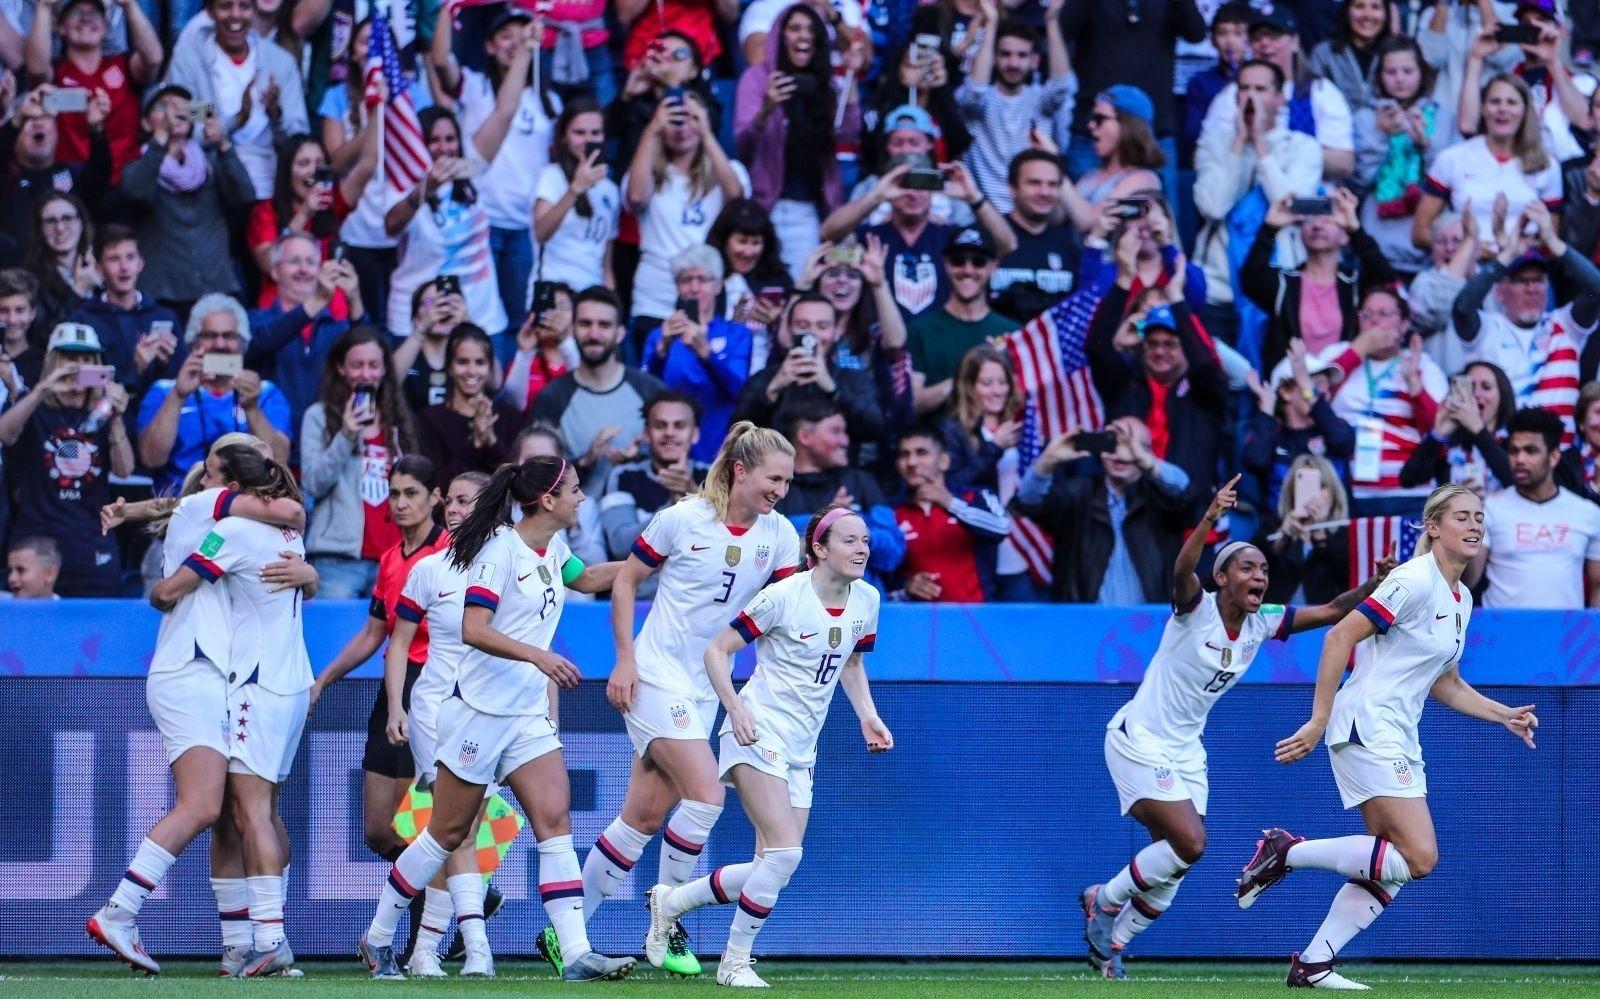 女足世界杯小组赛之最,泰国丢球创纪录送美国上位|世界杯小组赛|泰国